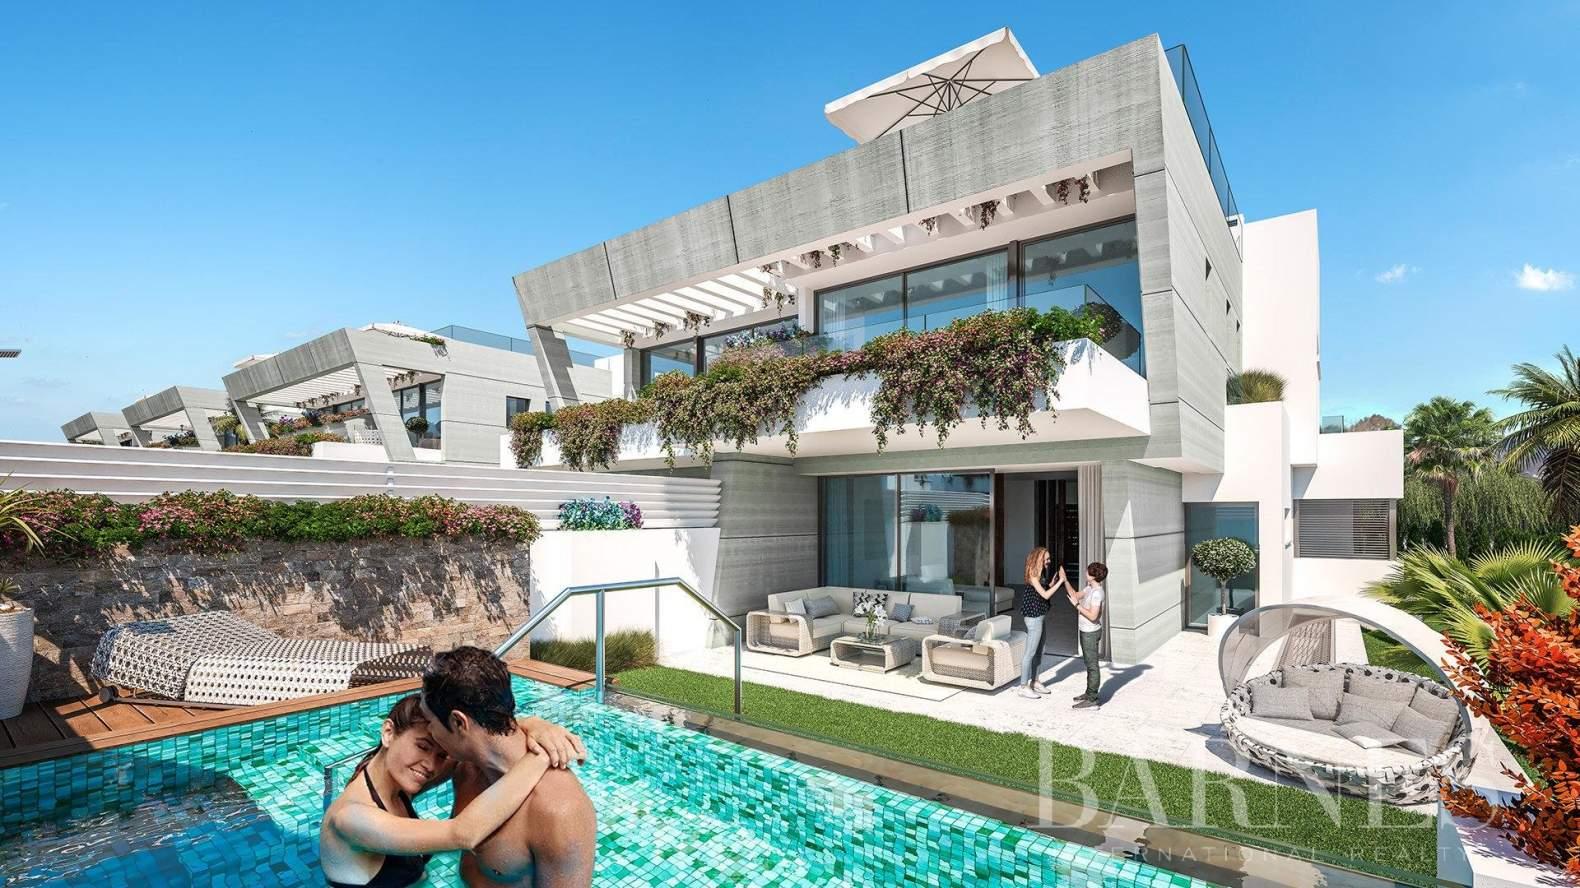 Marbella  - Maison 13 Pièces - picture 19